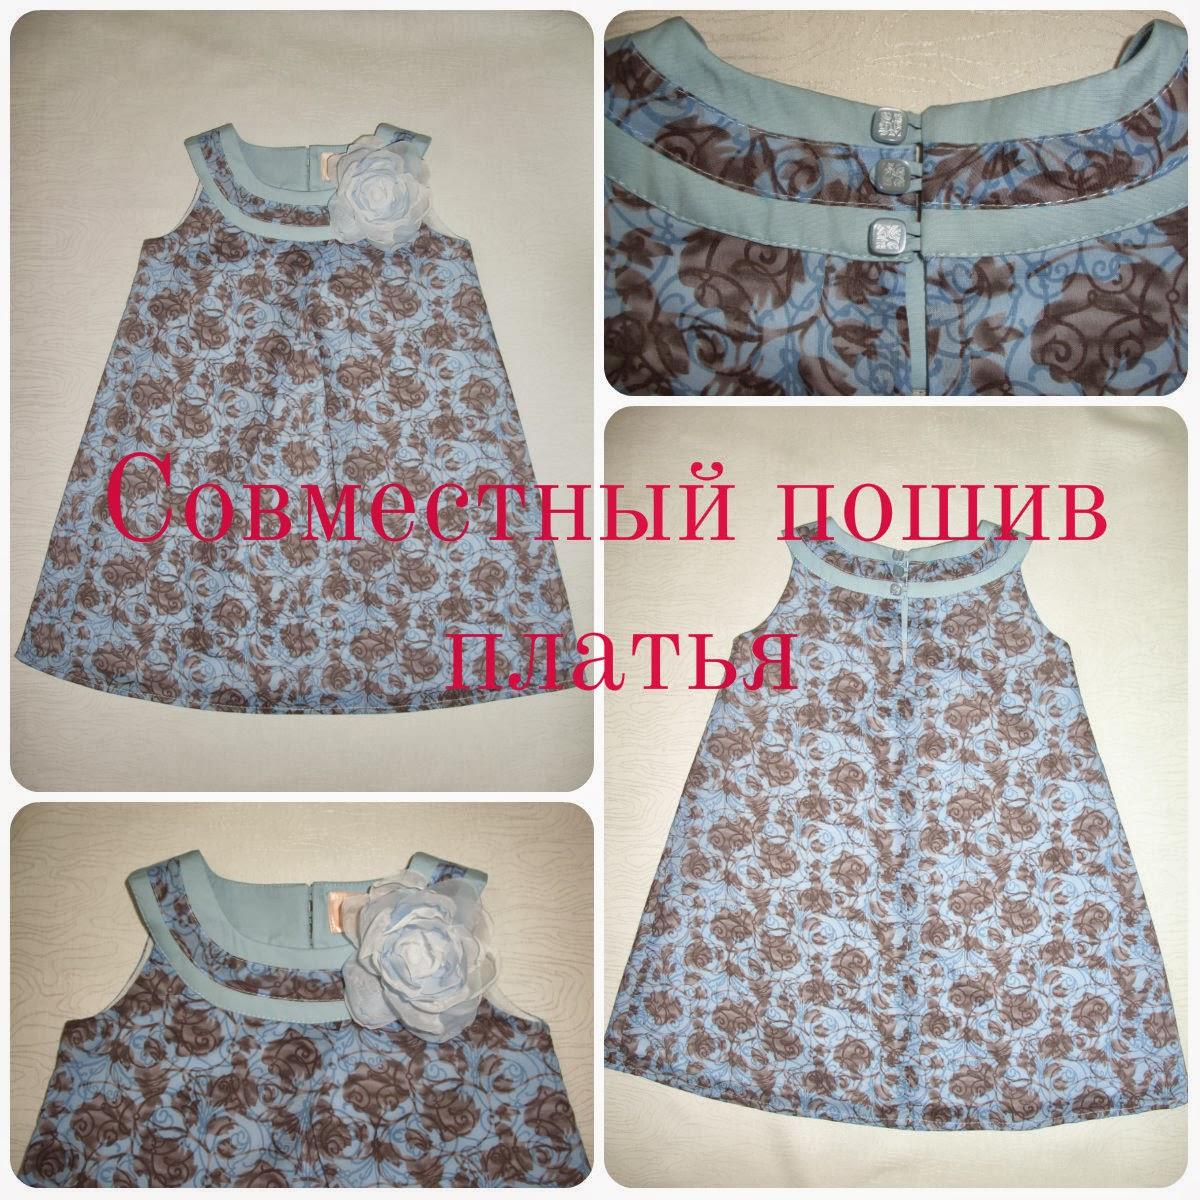 Совместный пошив платья для девочки